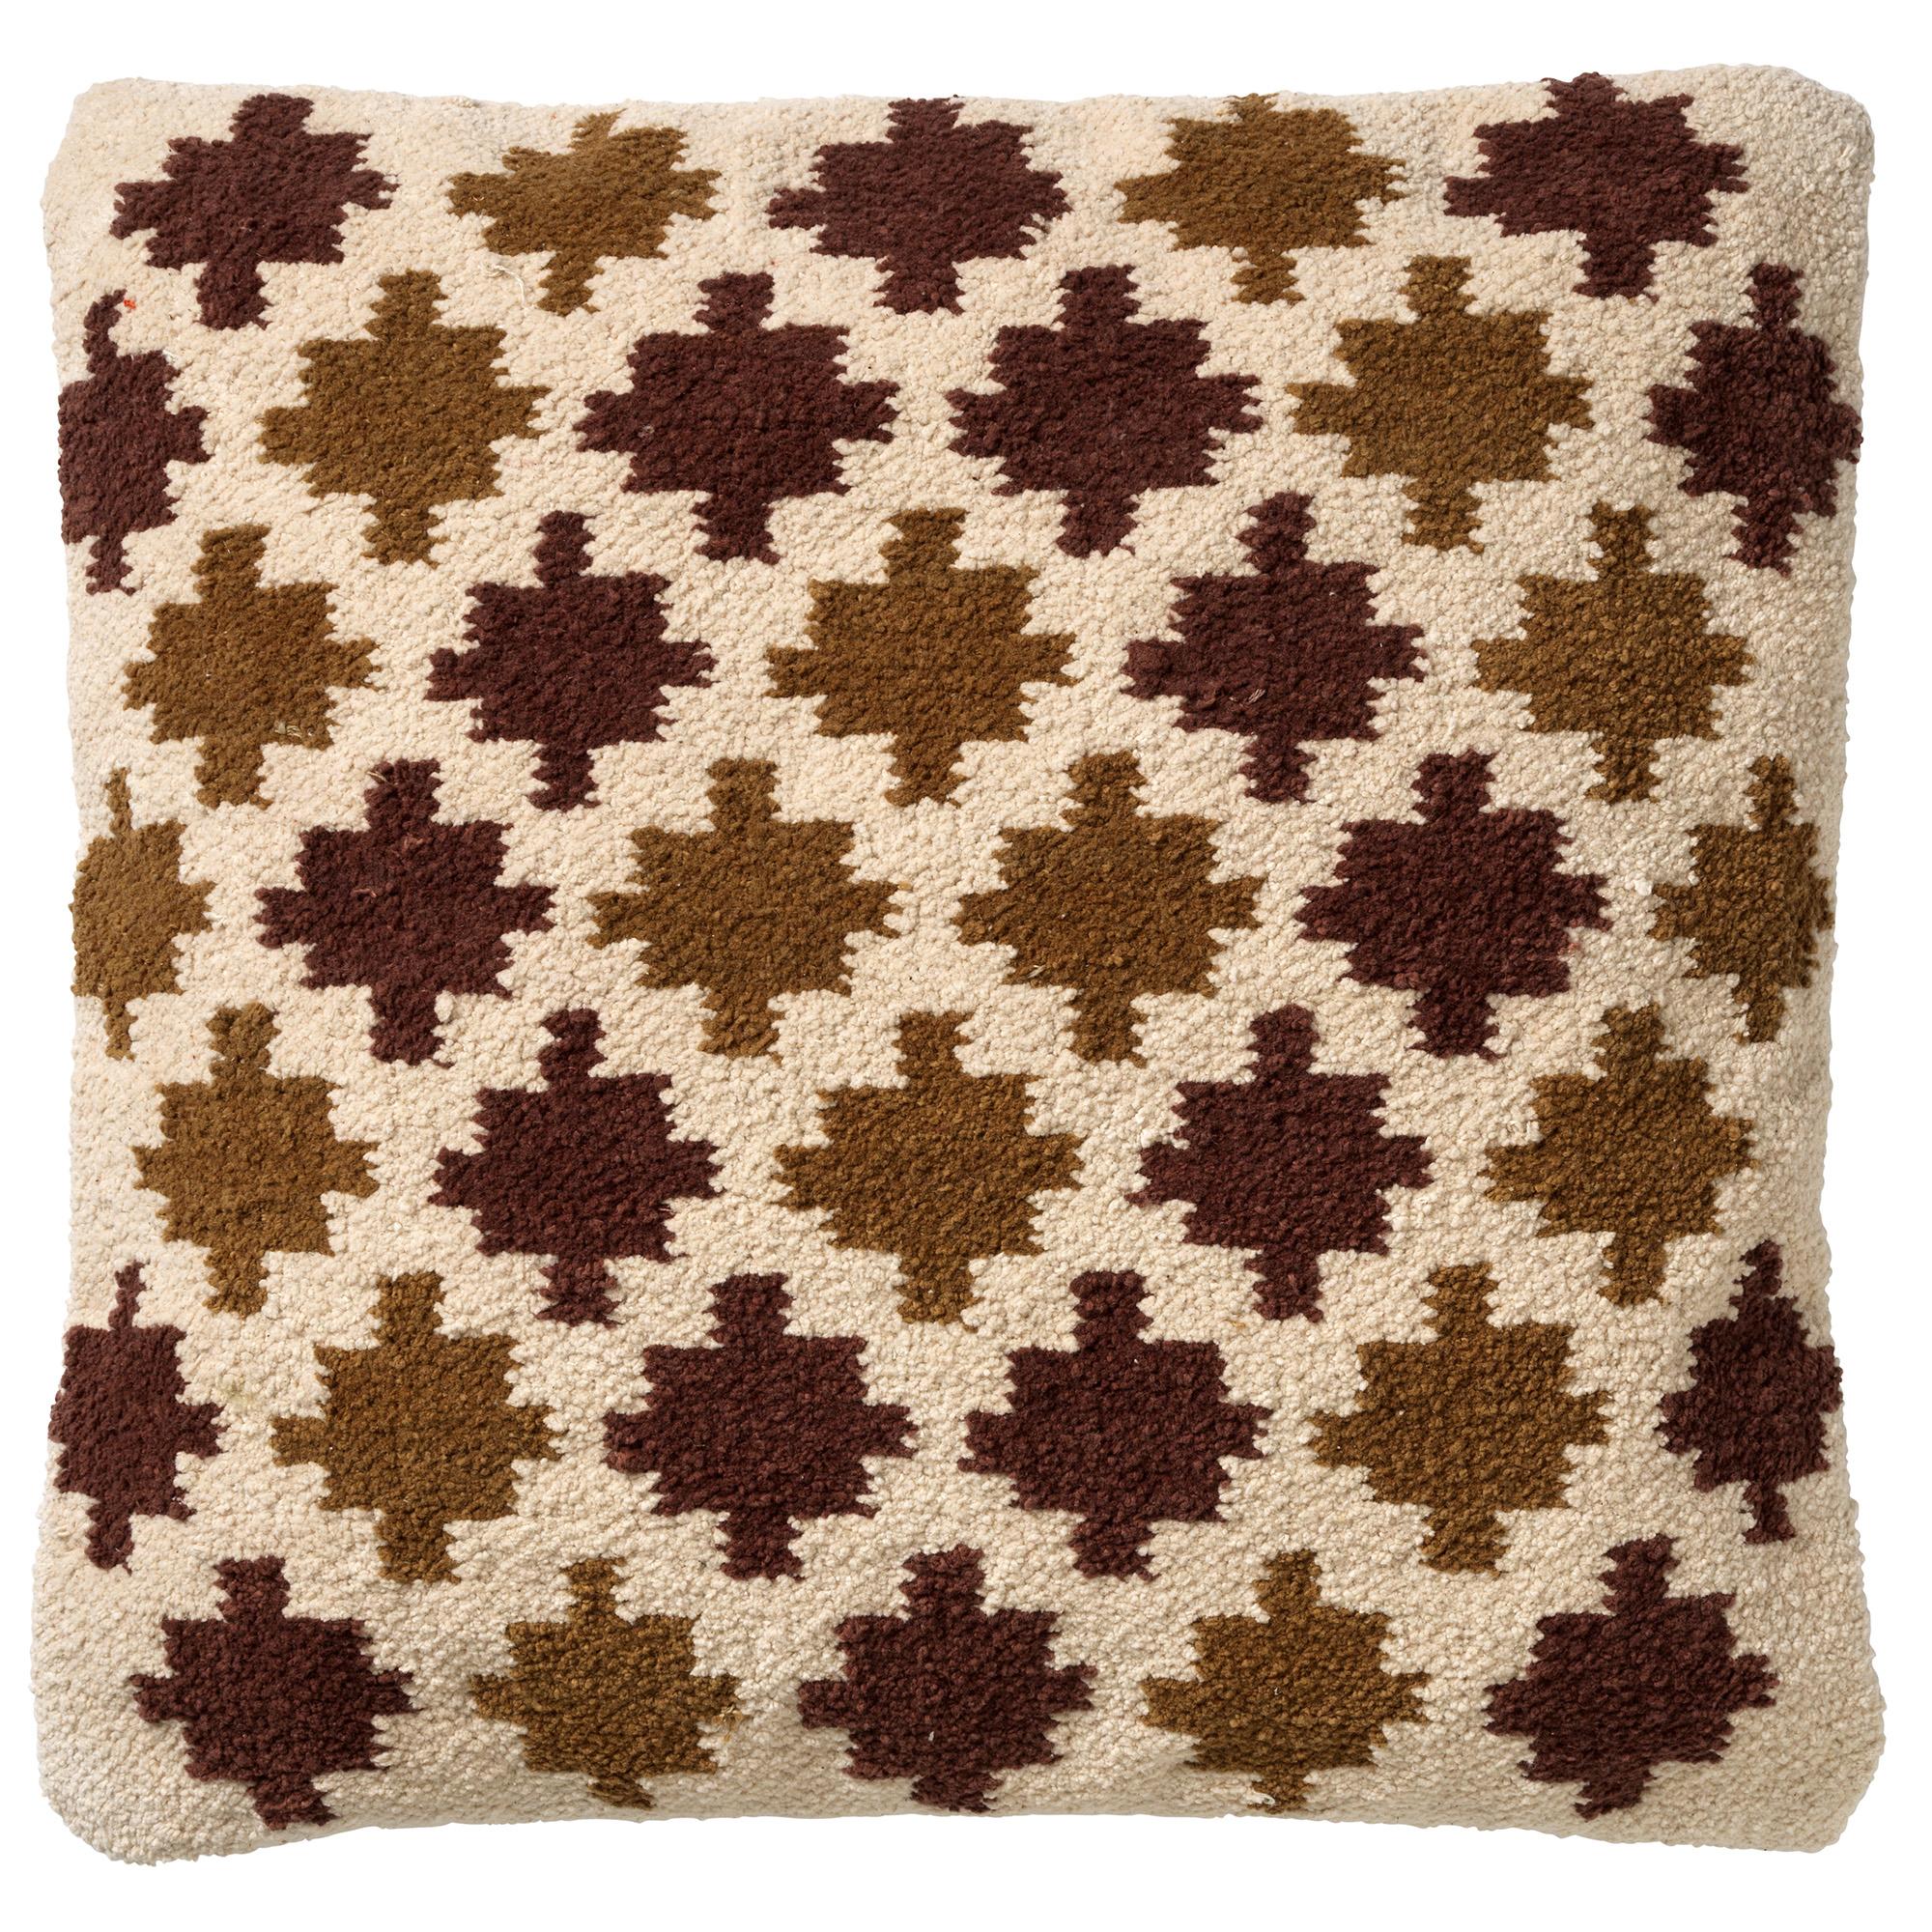 Housse de coussin en coton yael Beige 45x45